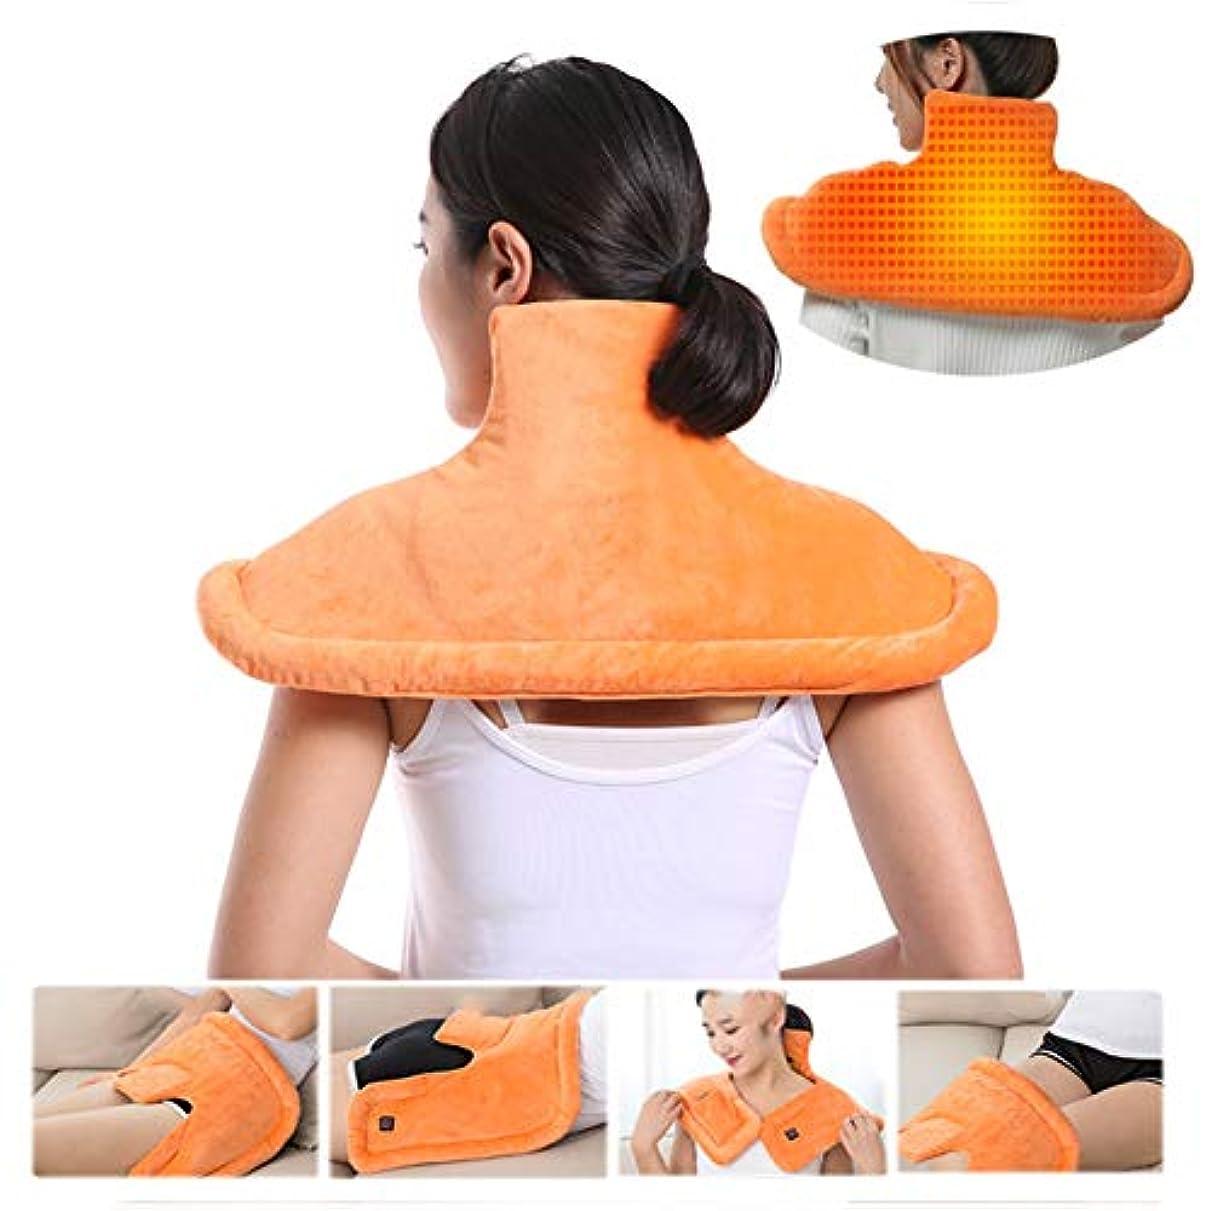 無礼に議論する無傷首の肩の背部暖房パッド、マッサージのヒートラップの熱くするショールの減圧のための調節可能な強度フルボディマッサージ首の肩暖房湿った熱療法のパッド